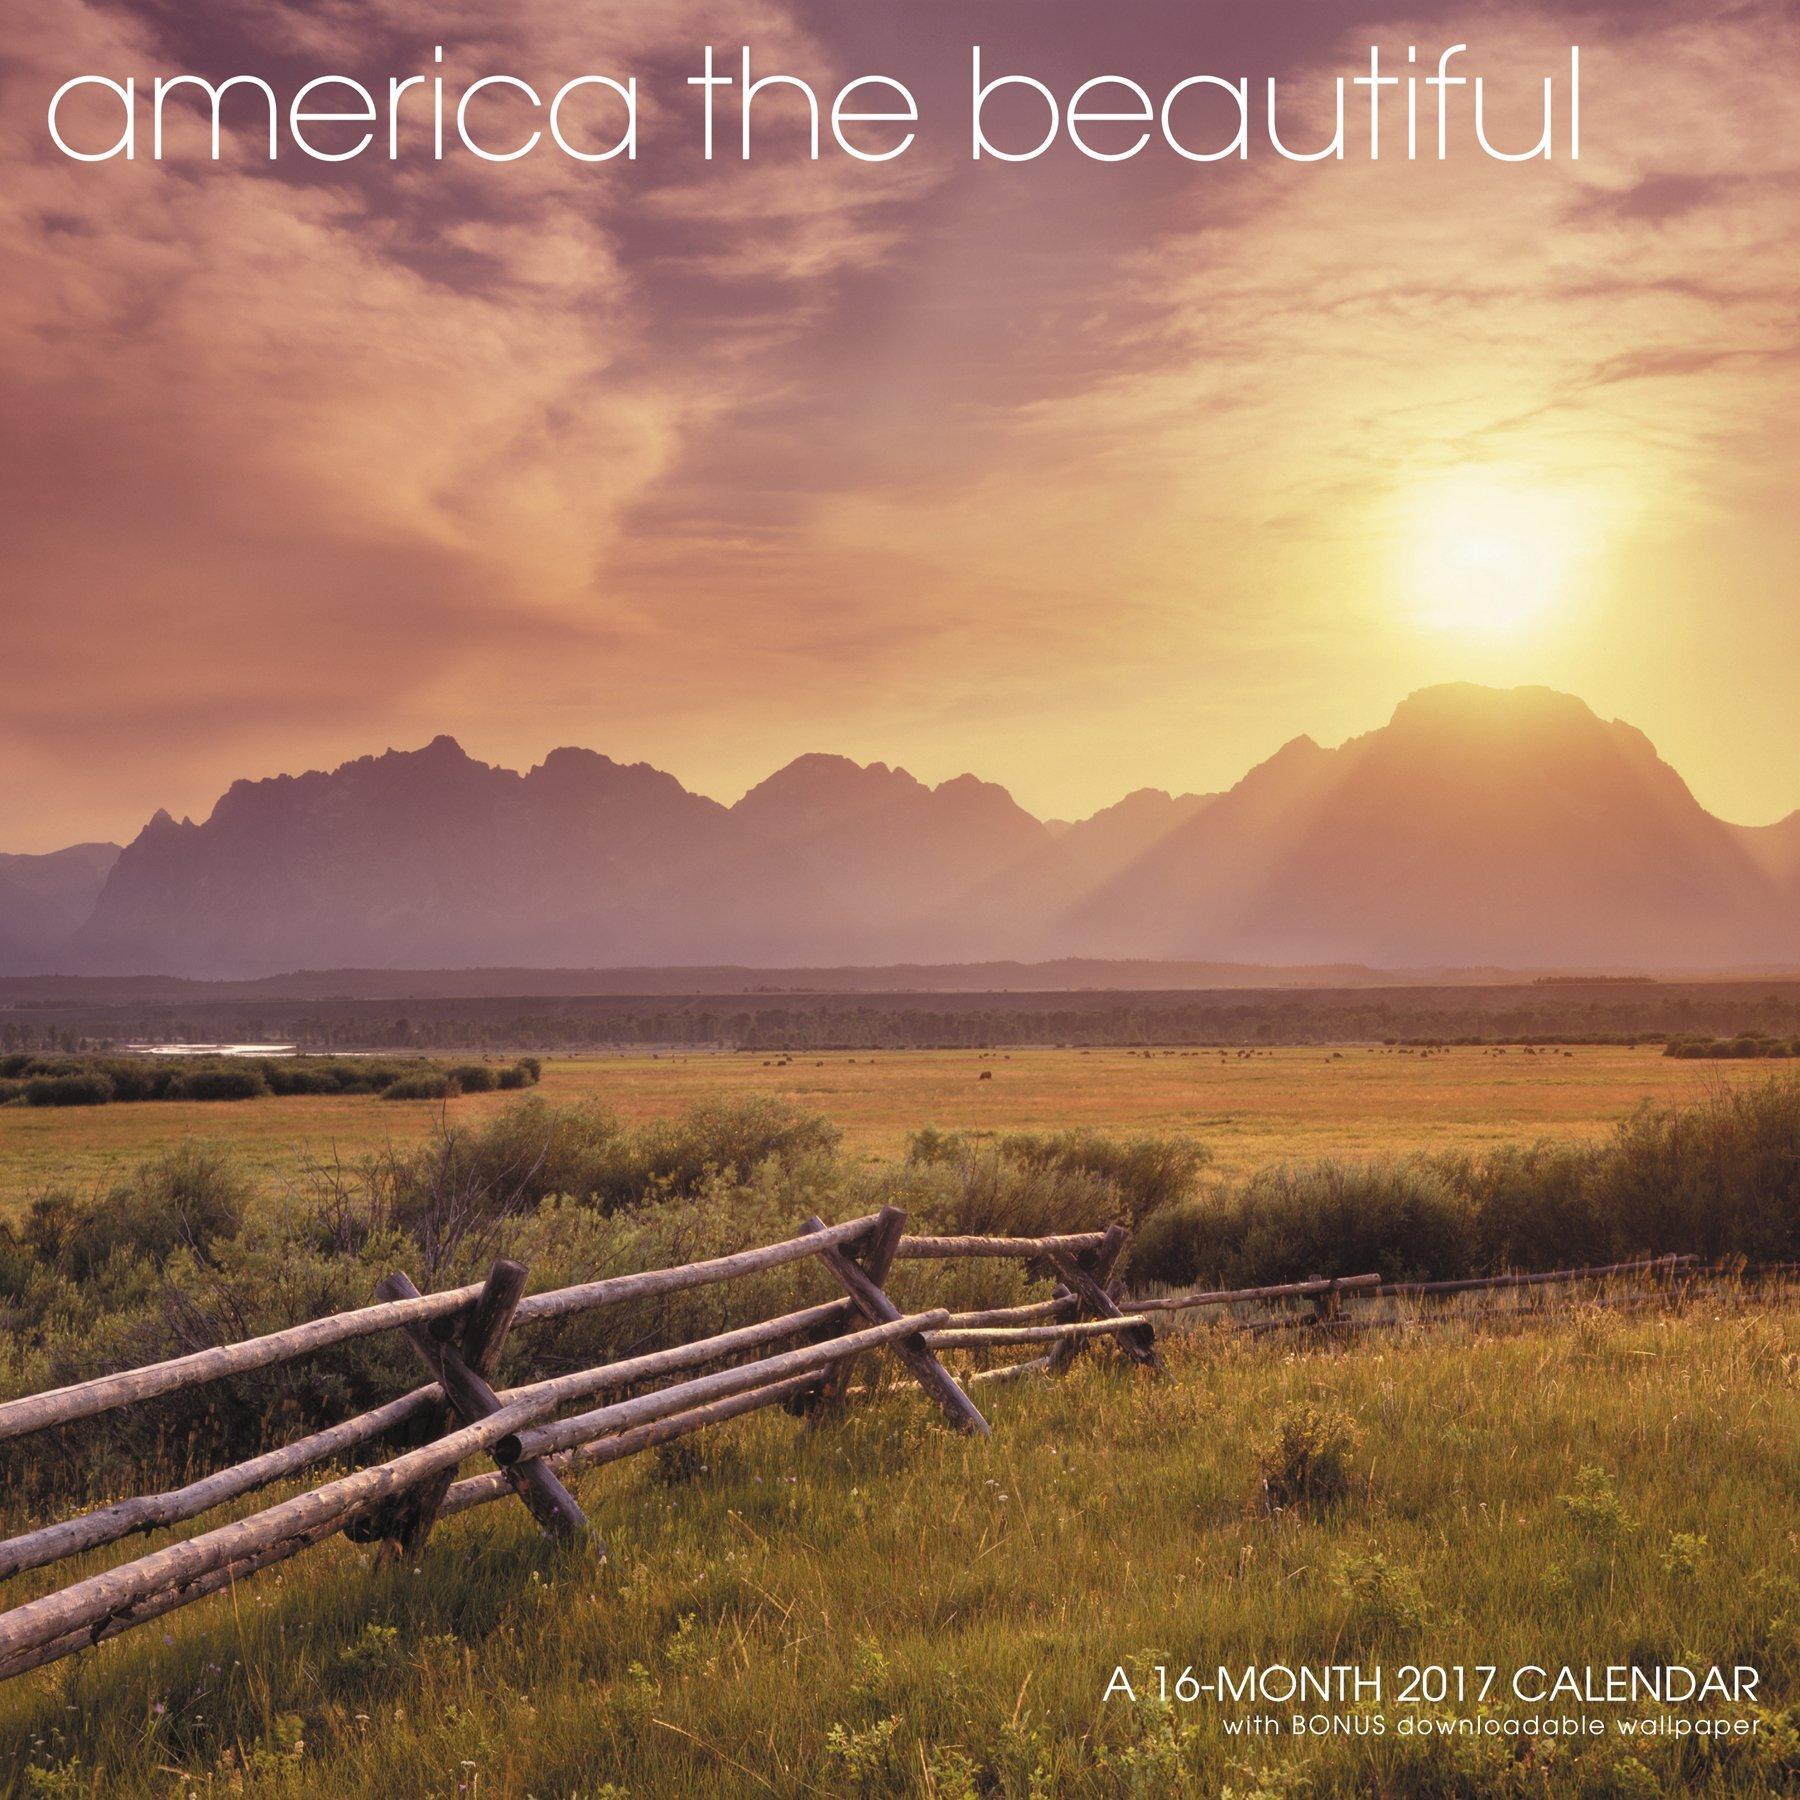 America Beautiful Wall Calendar Landmark product image